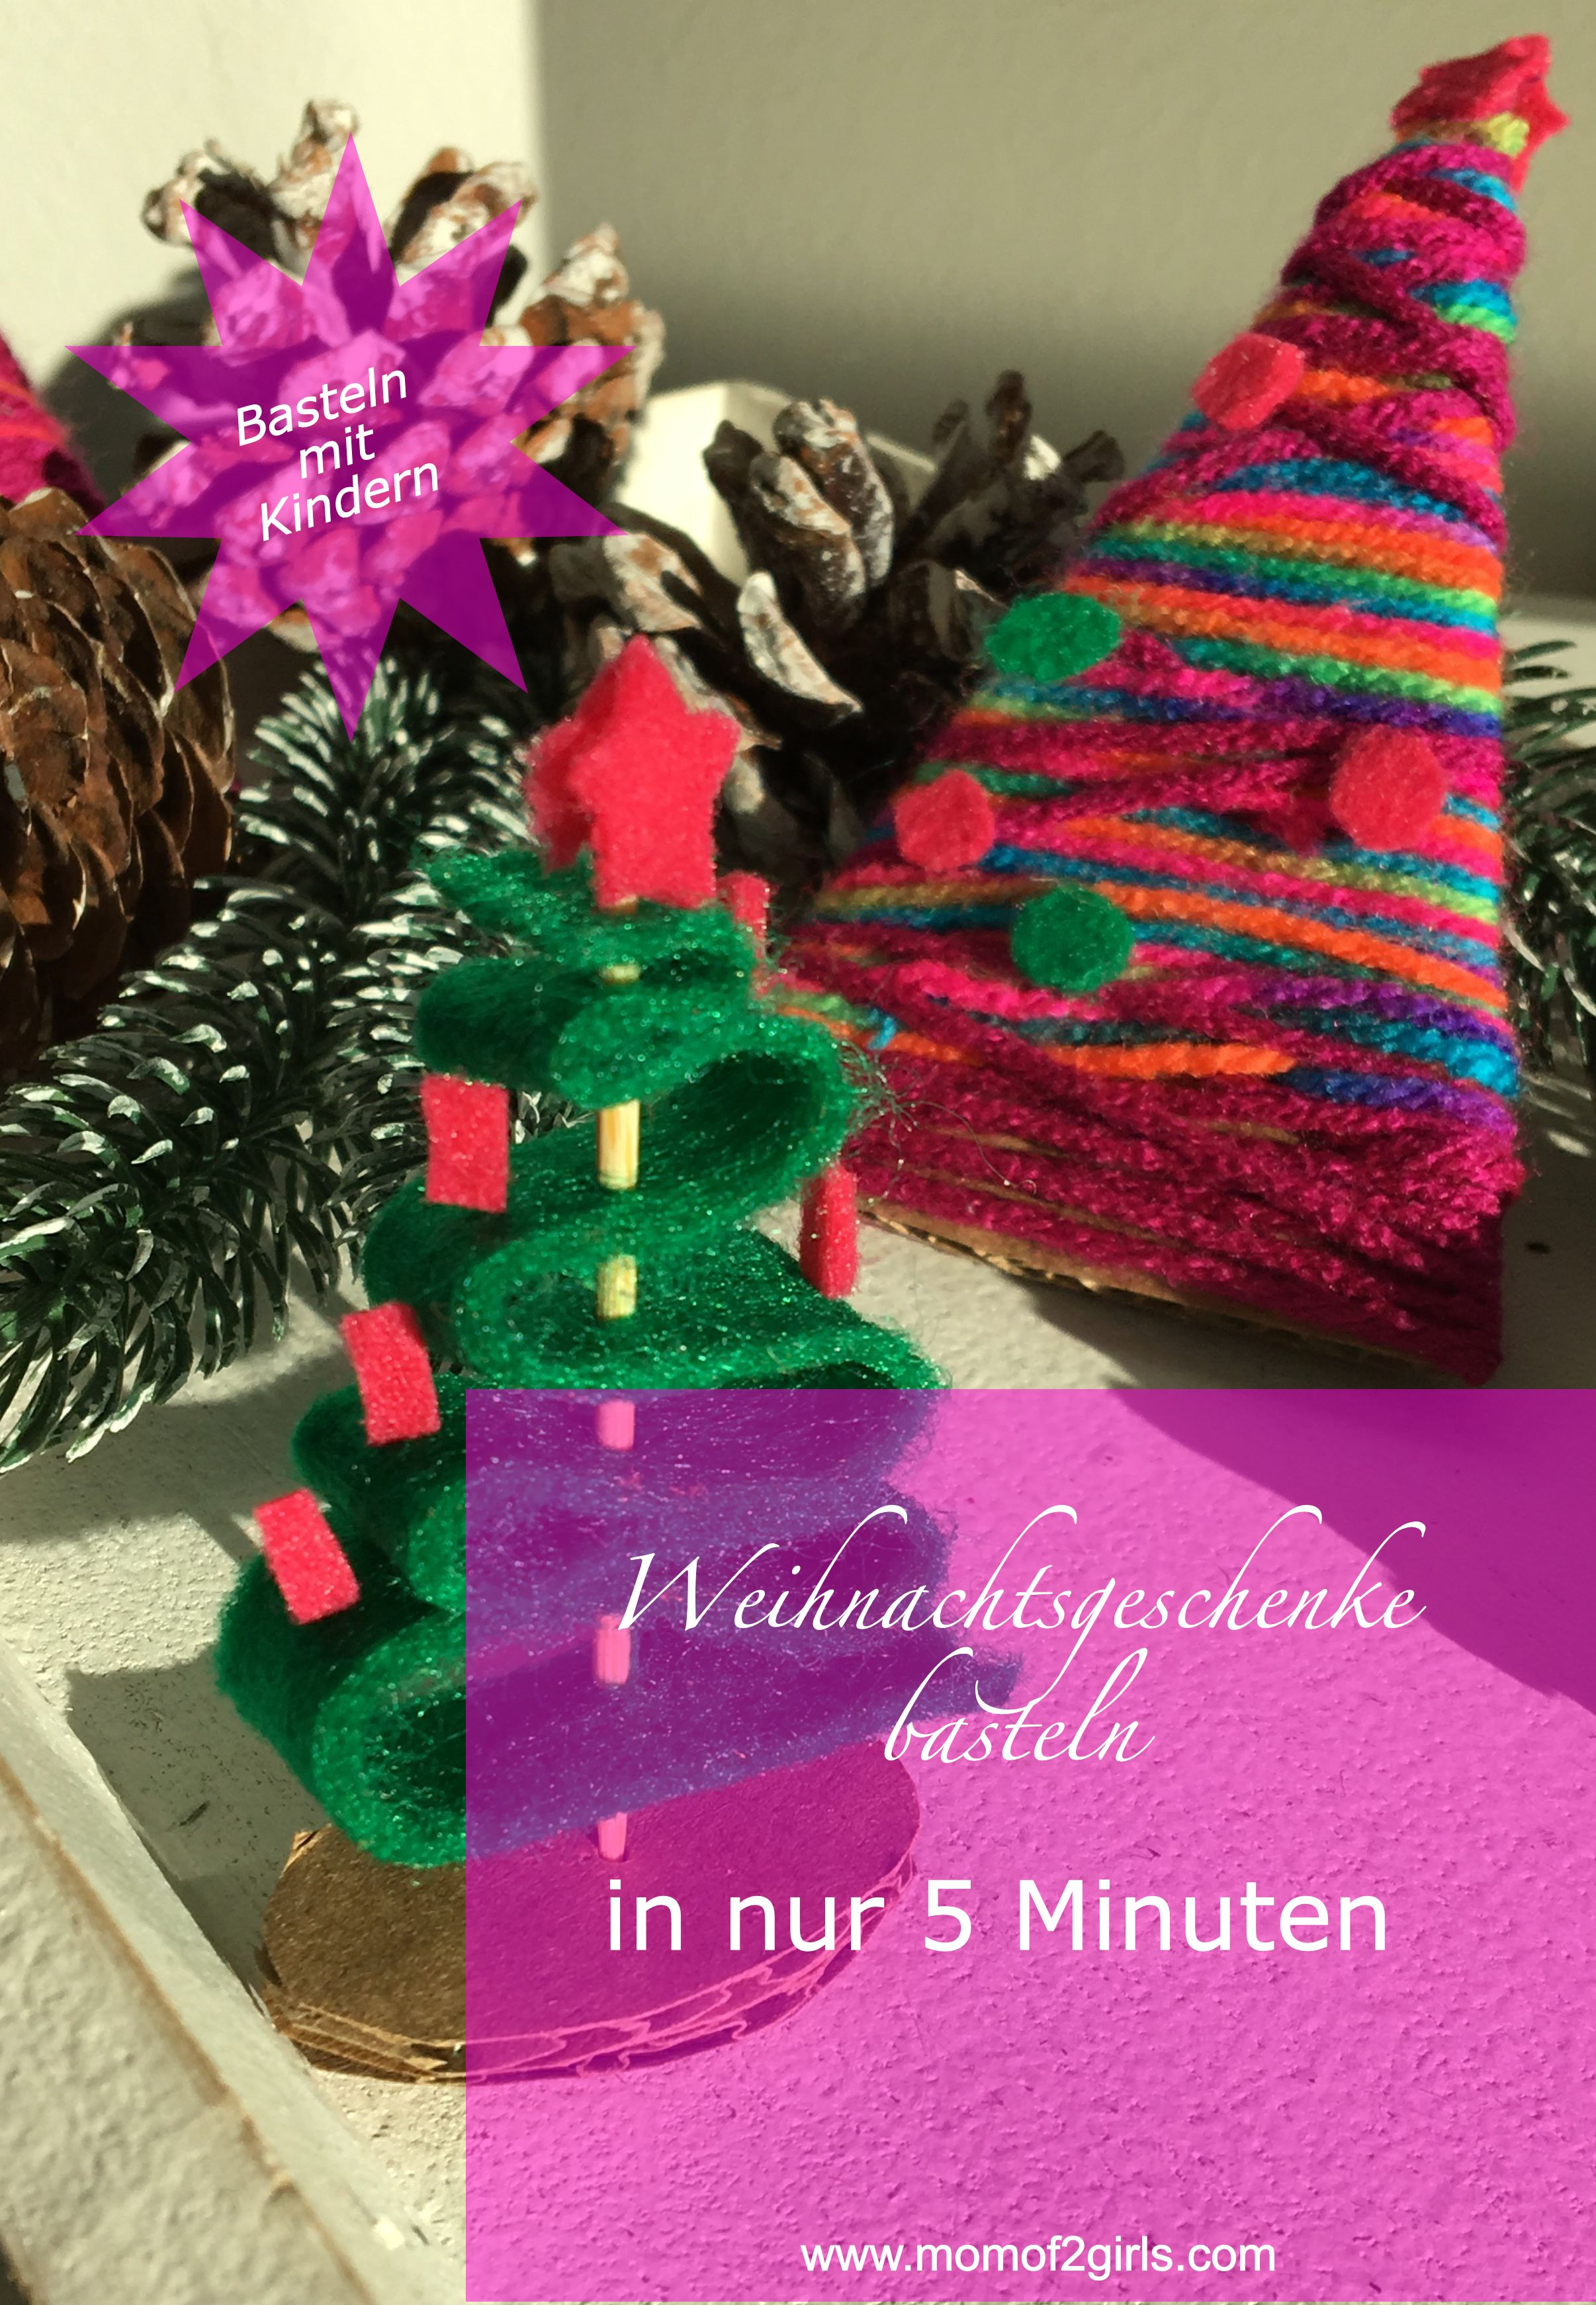 Kreative Weihnachtsgeschenke Basteln.Diy Weihnachtsgeschenke Selber Basteln Arbeit